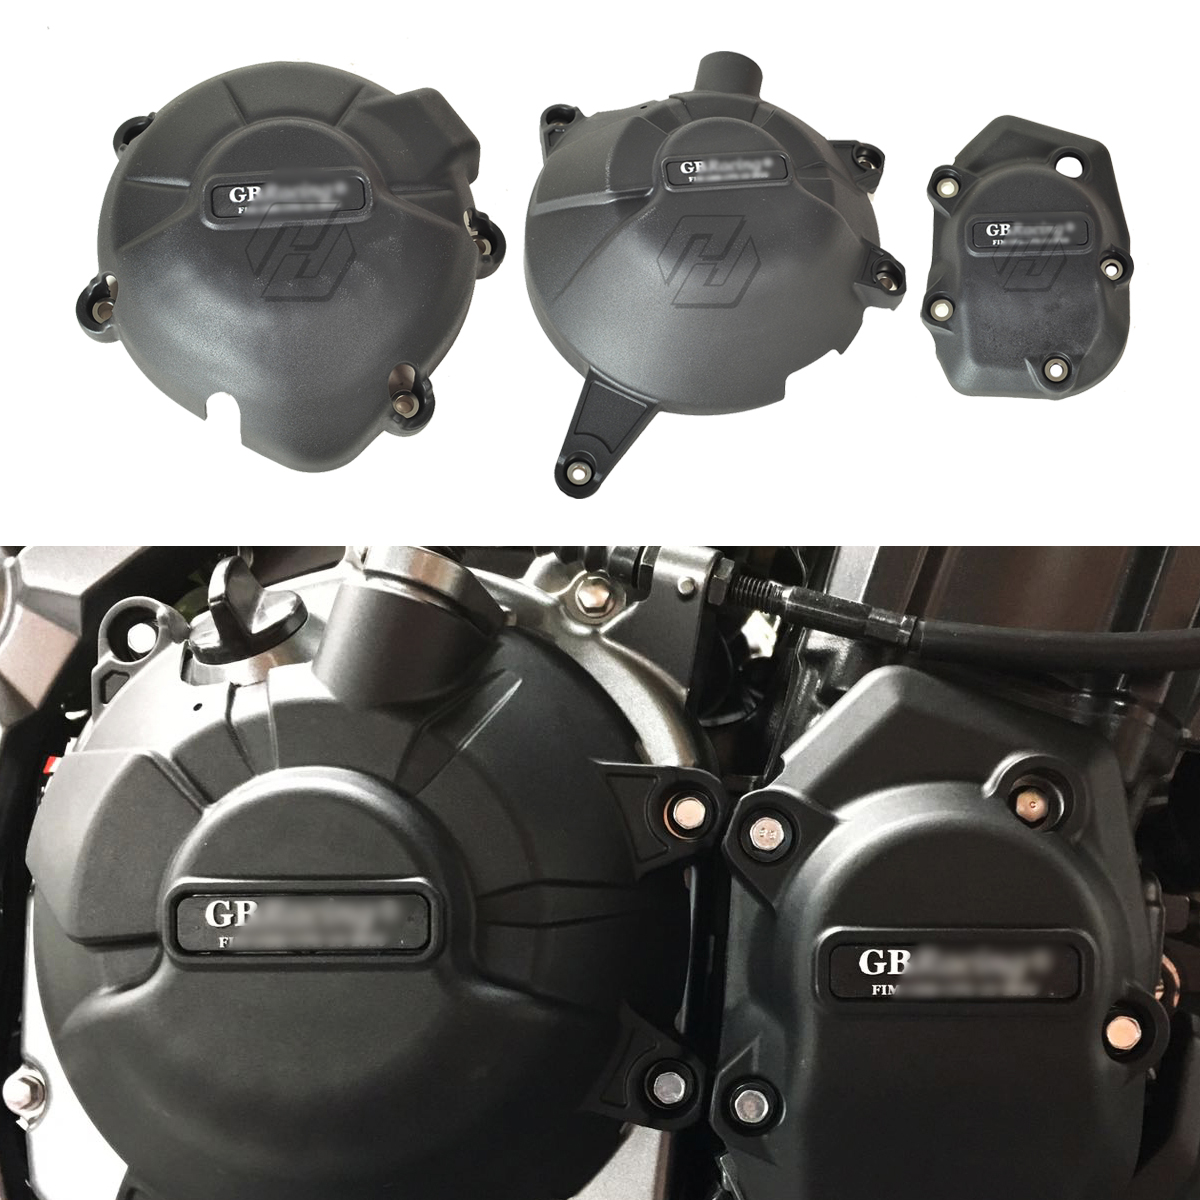 Мотоцикл двигатели для автомобиля защиты водяной насос крышка комплект ГБ гонки Kawasaki NINJA Z900 2017 2018